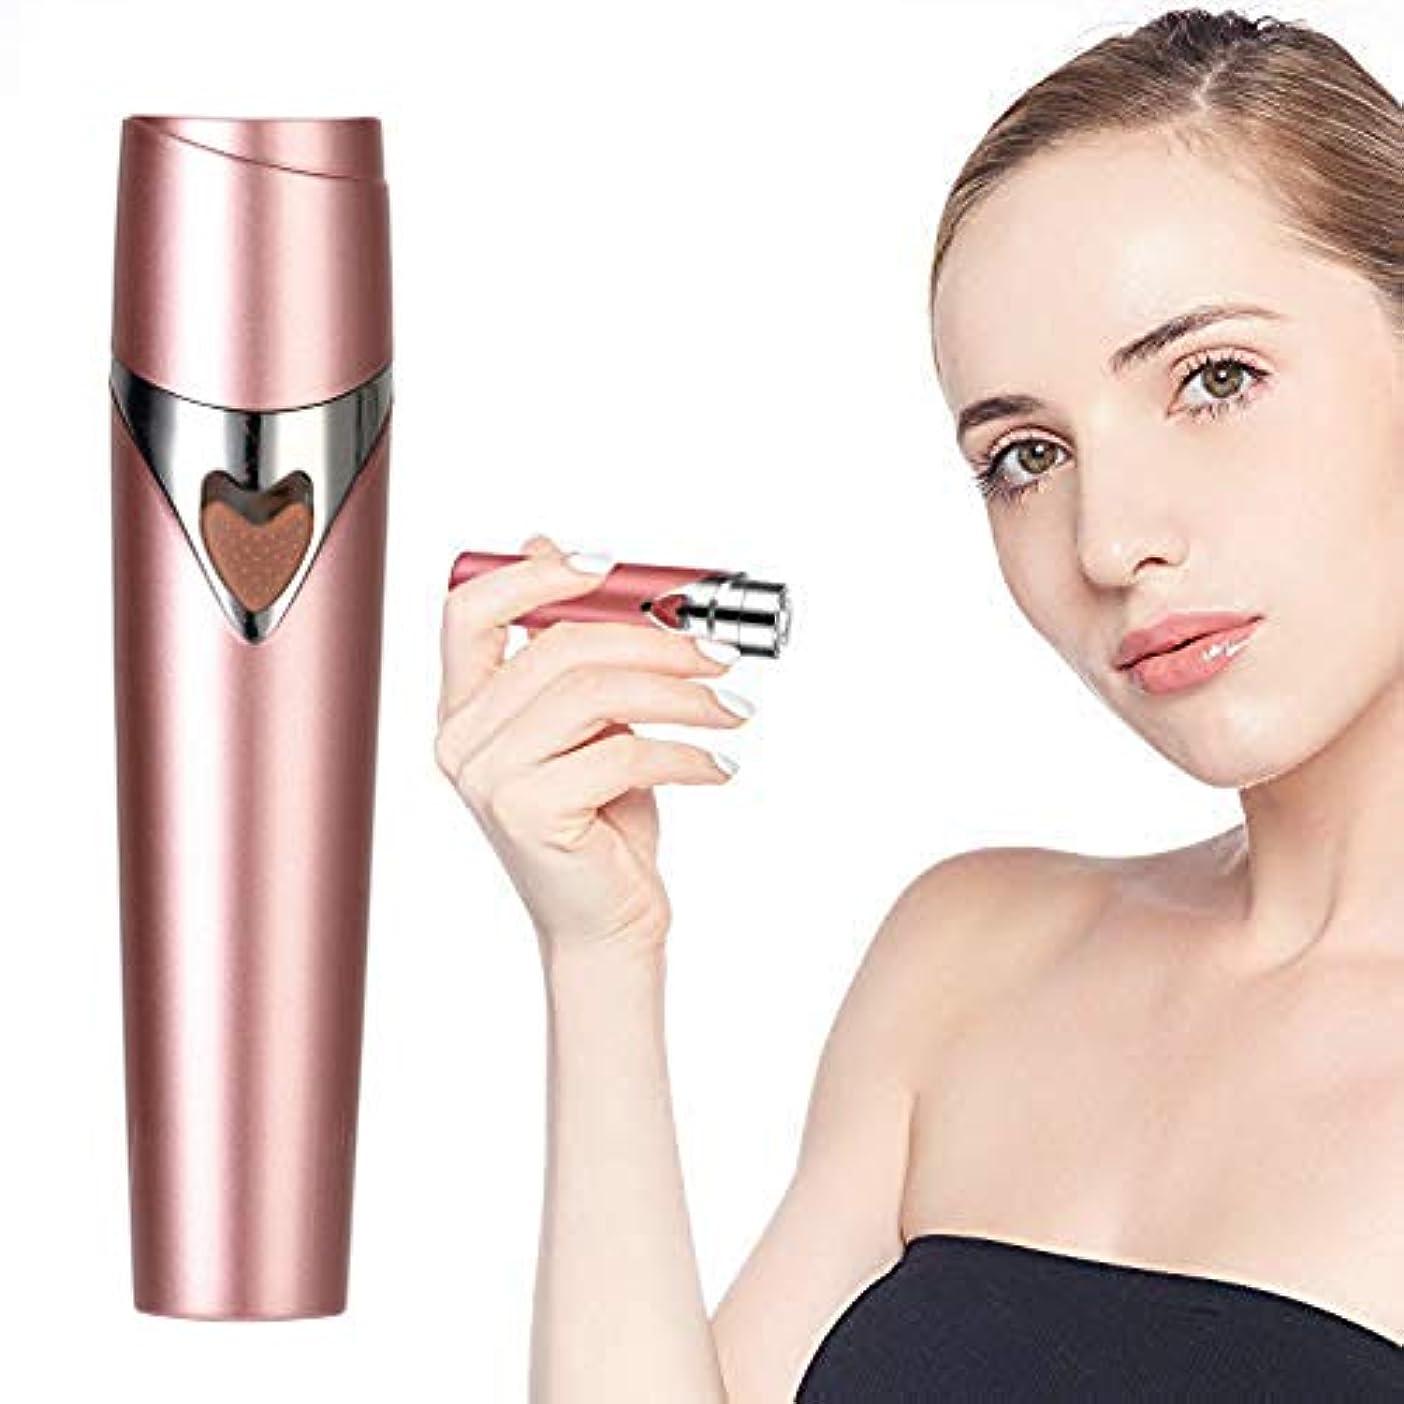 ラフレシアアルノルディ以上名目上の顔の毛の除去剤、小型電気脱毛剤かみそりの毛の除去剤、顔、上唇、あご、頬およびボディ、痛みのない毛のトリマー、携帯用毛かみそりの脱毛剤